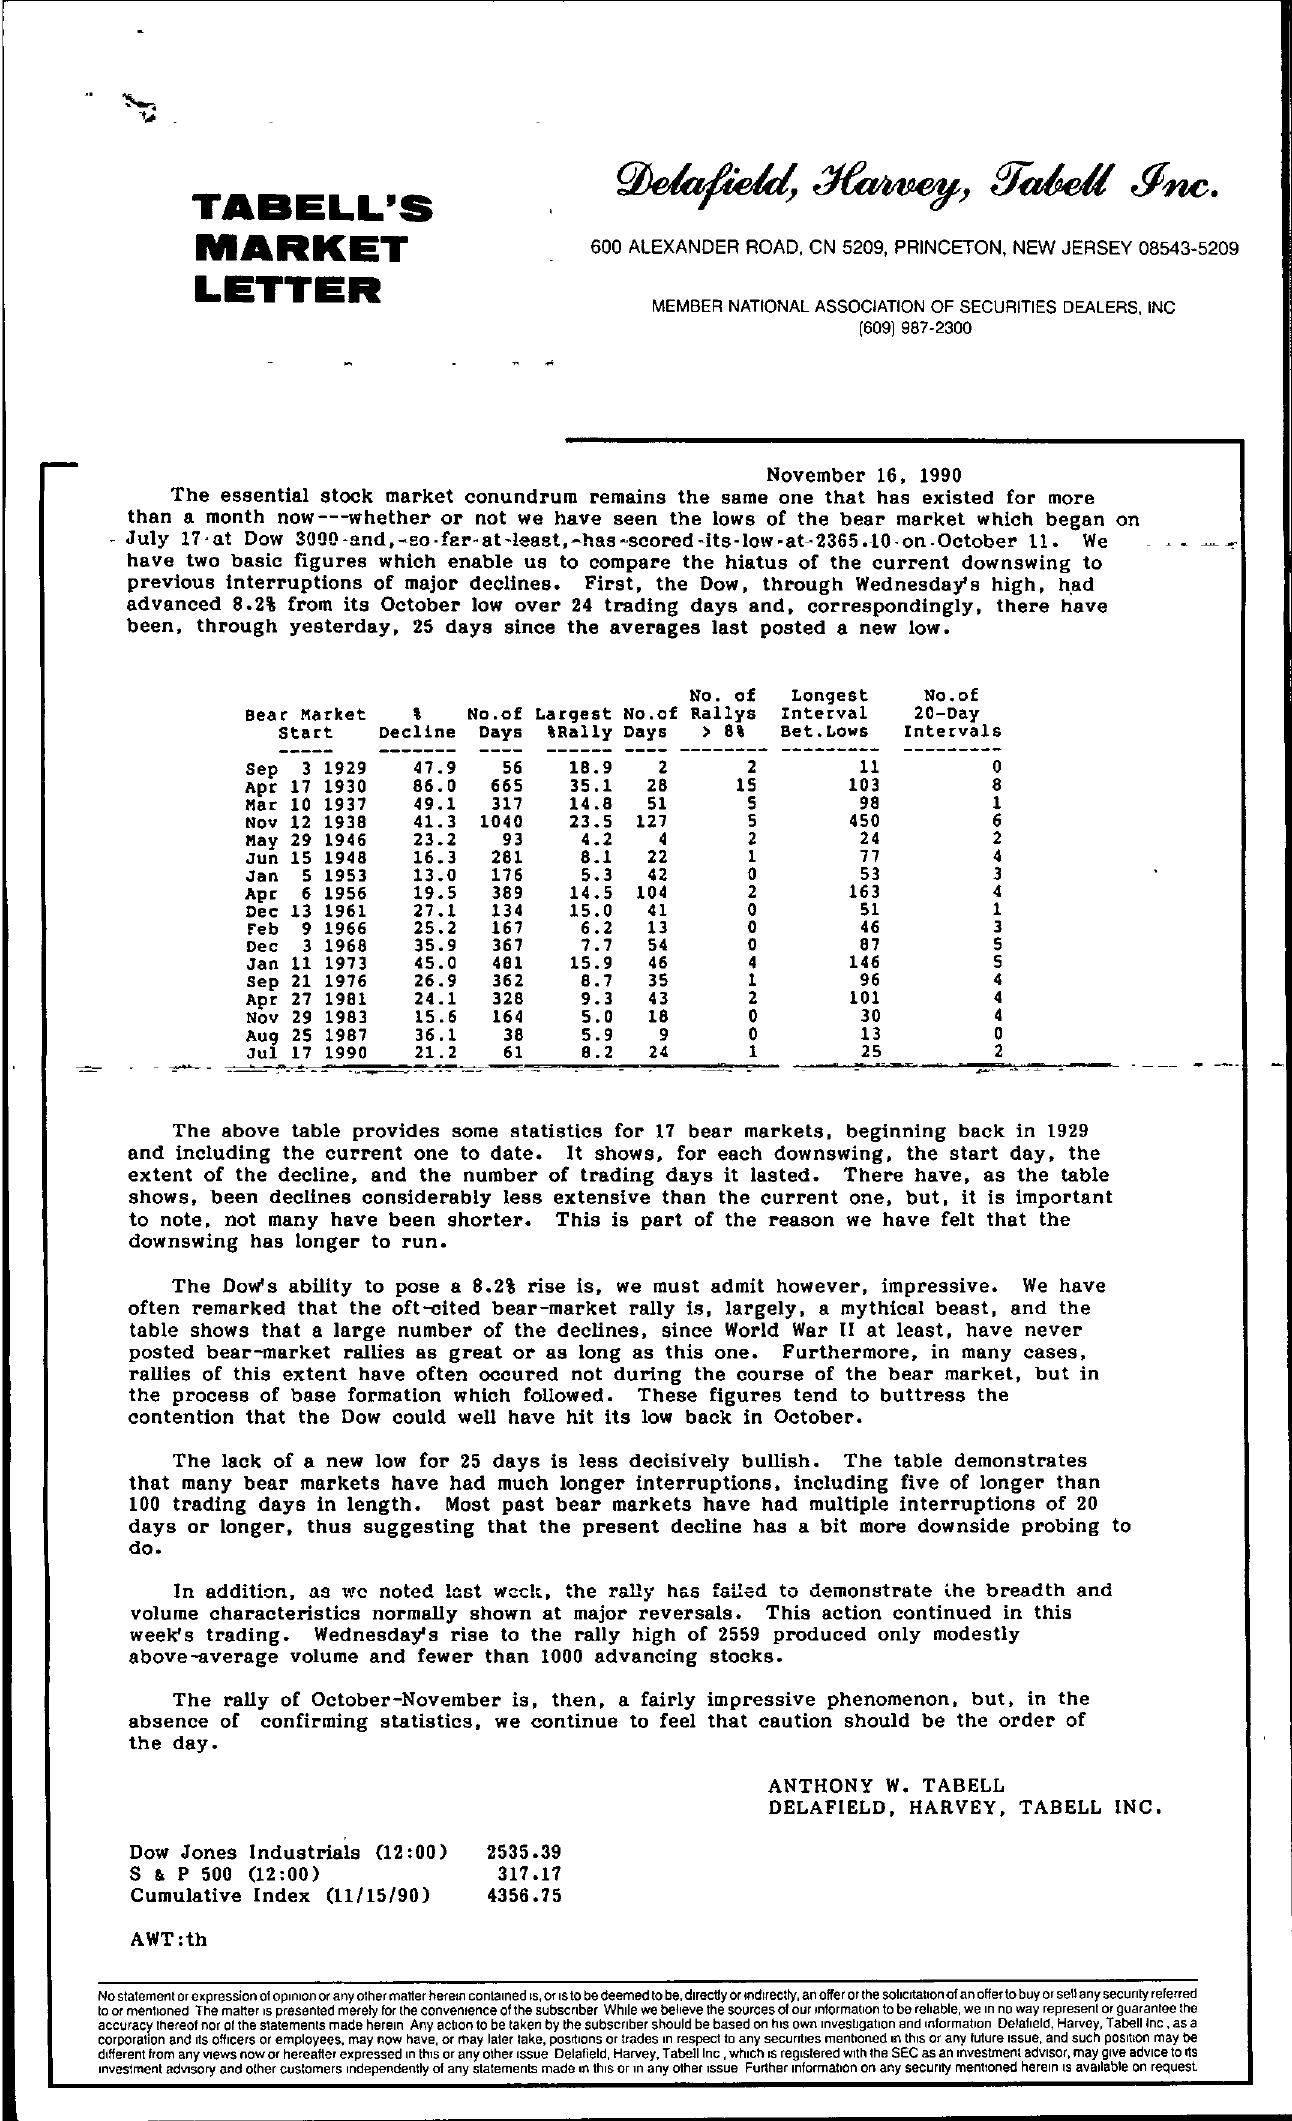 Tabell's Market Letter - November 16, 1990